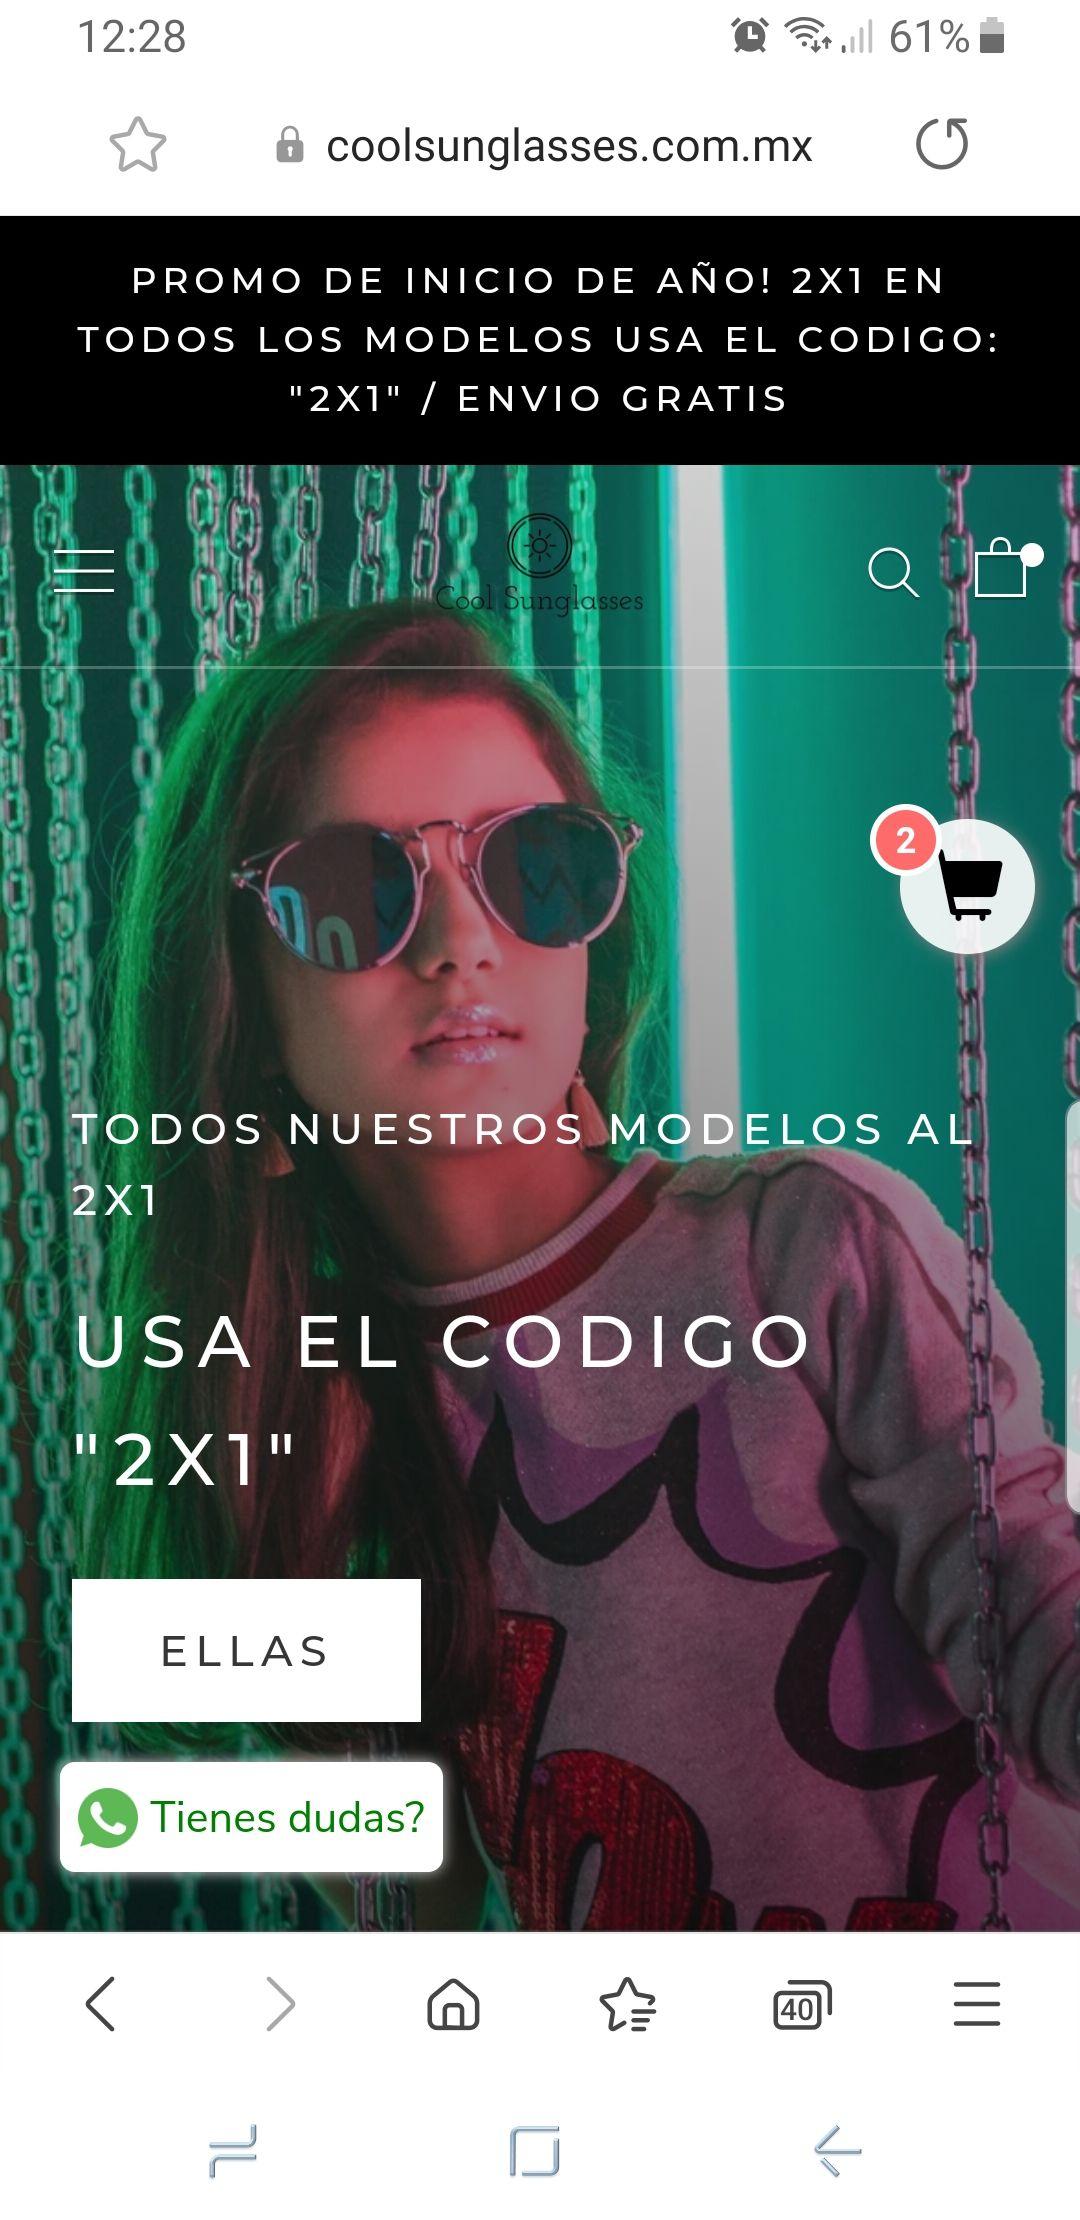 Cool sunglasses lentes $250 por 2 modelos